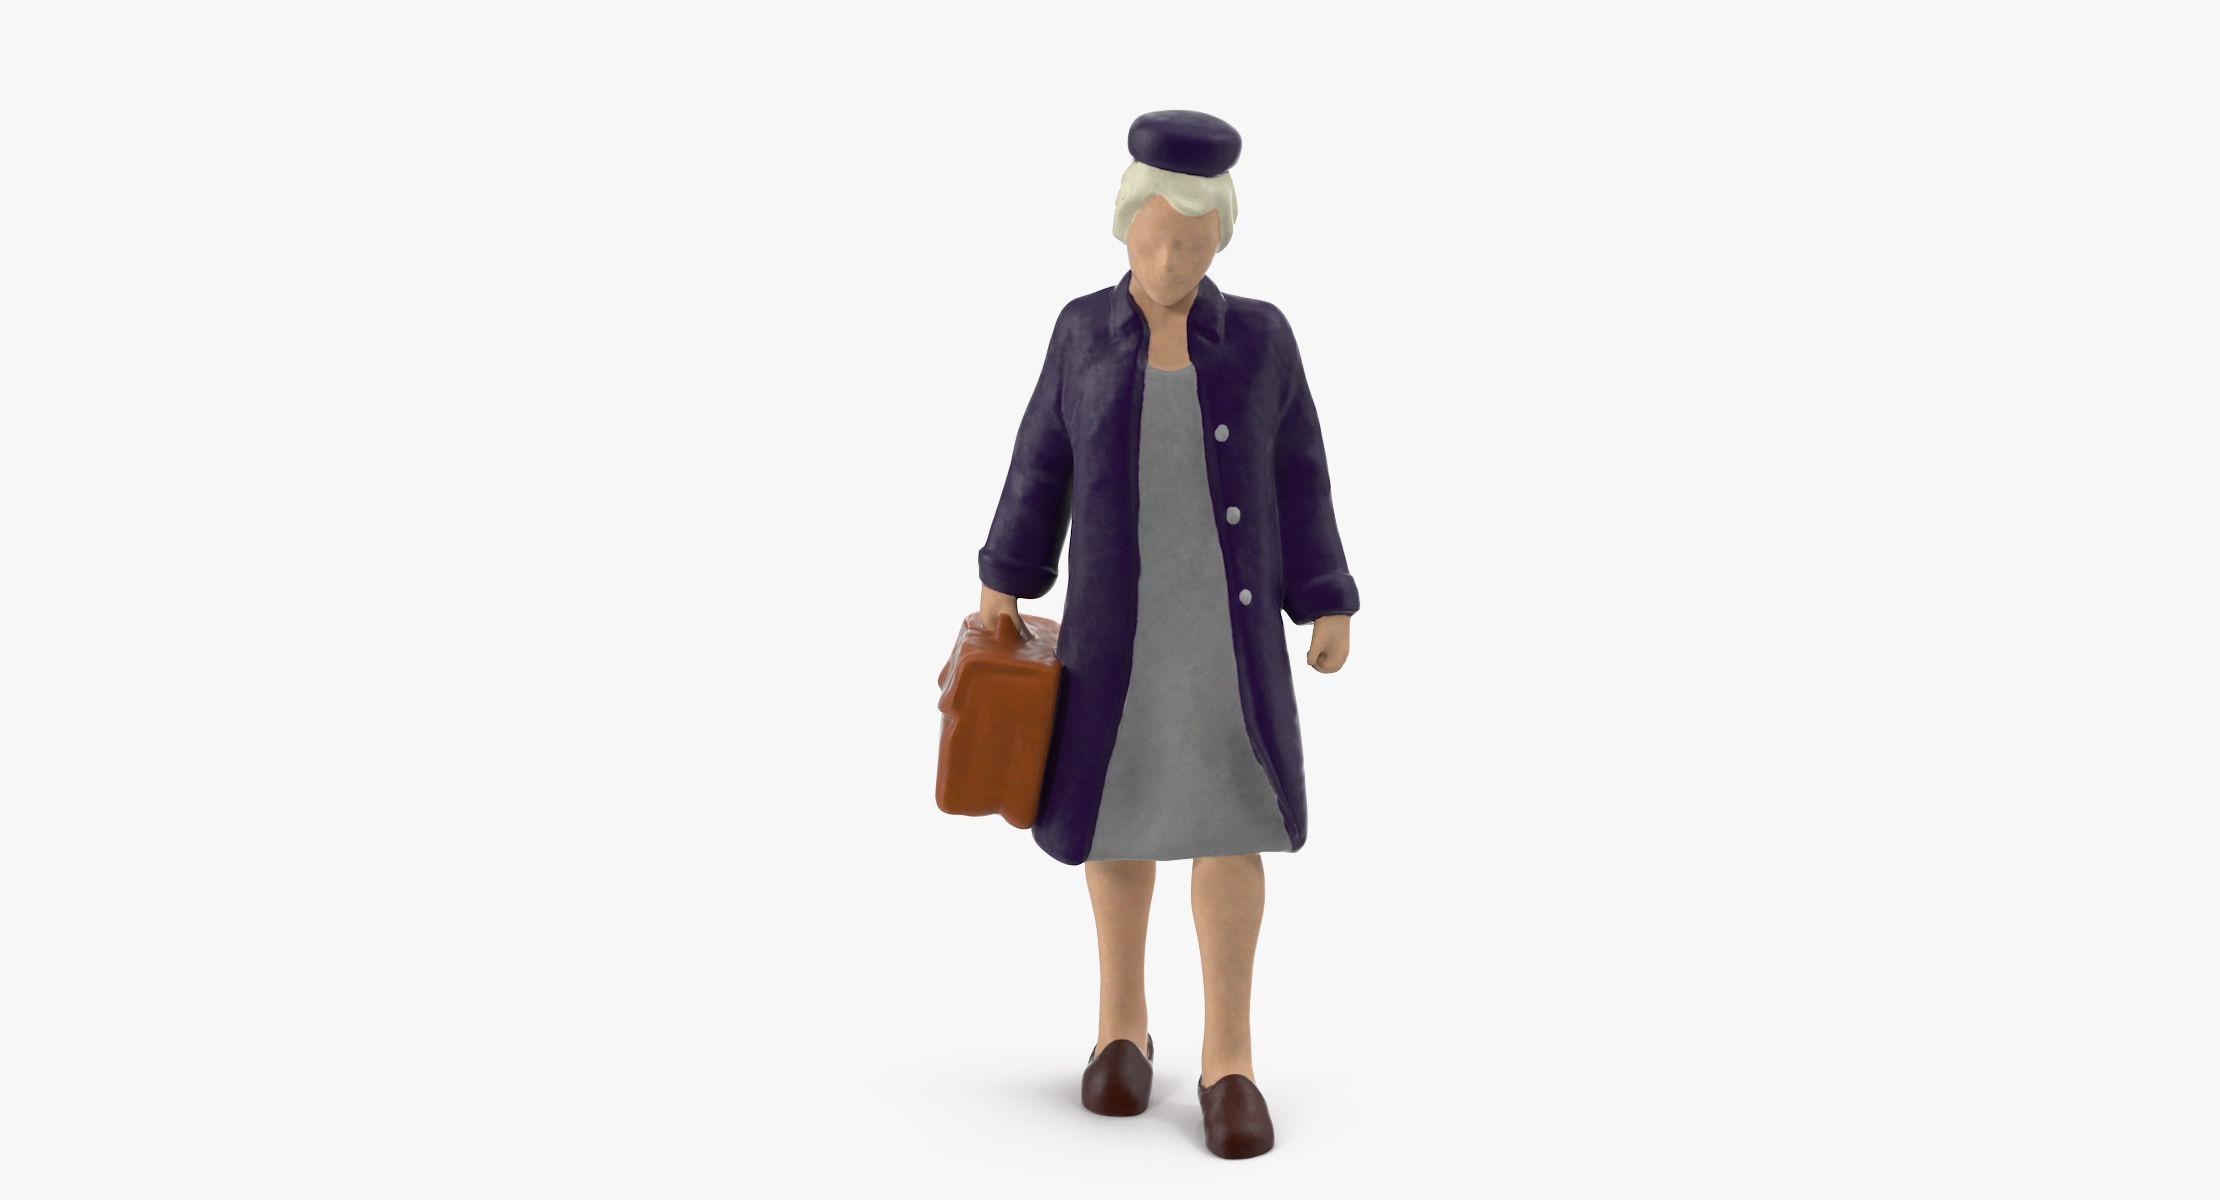 Miniture Traveler 03 - reel 1